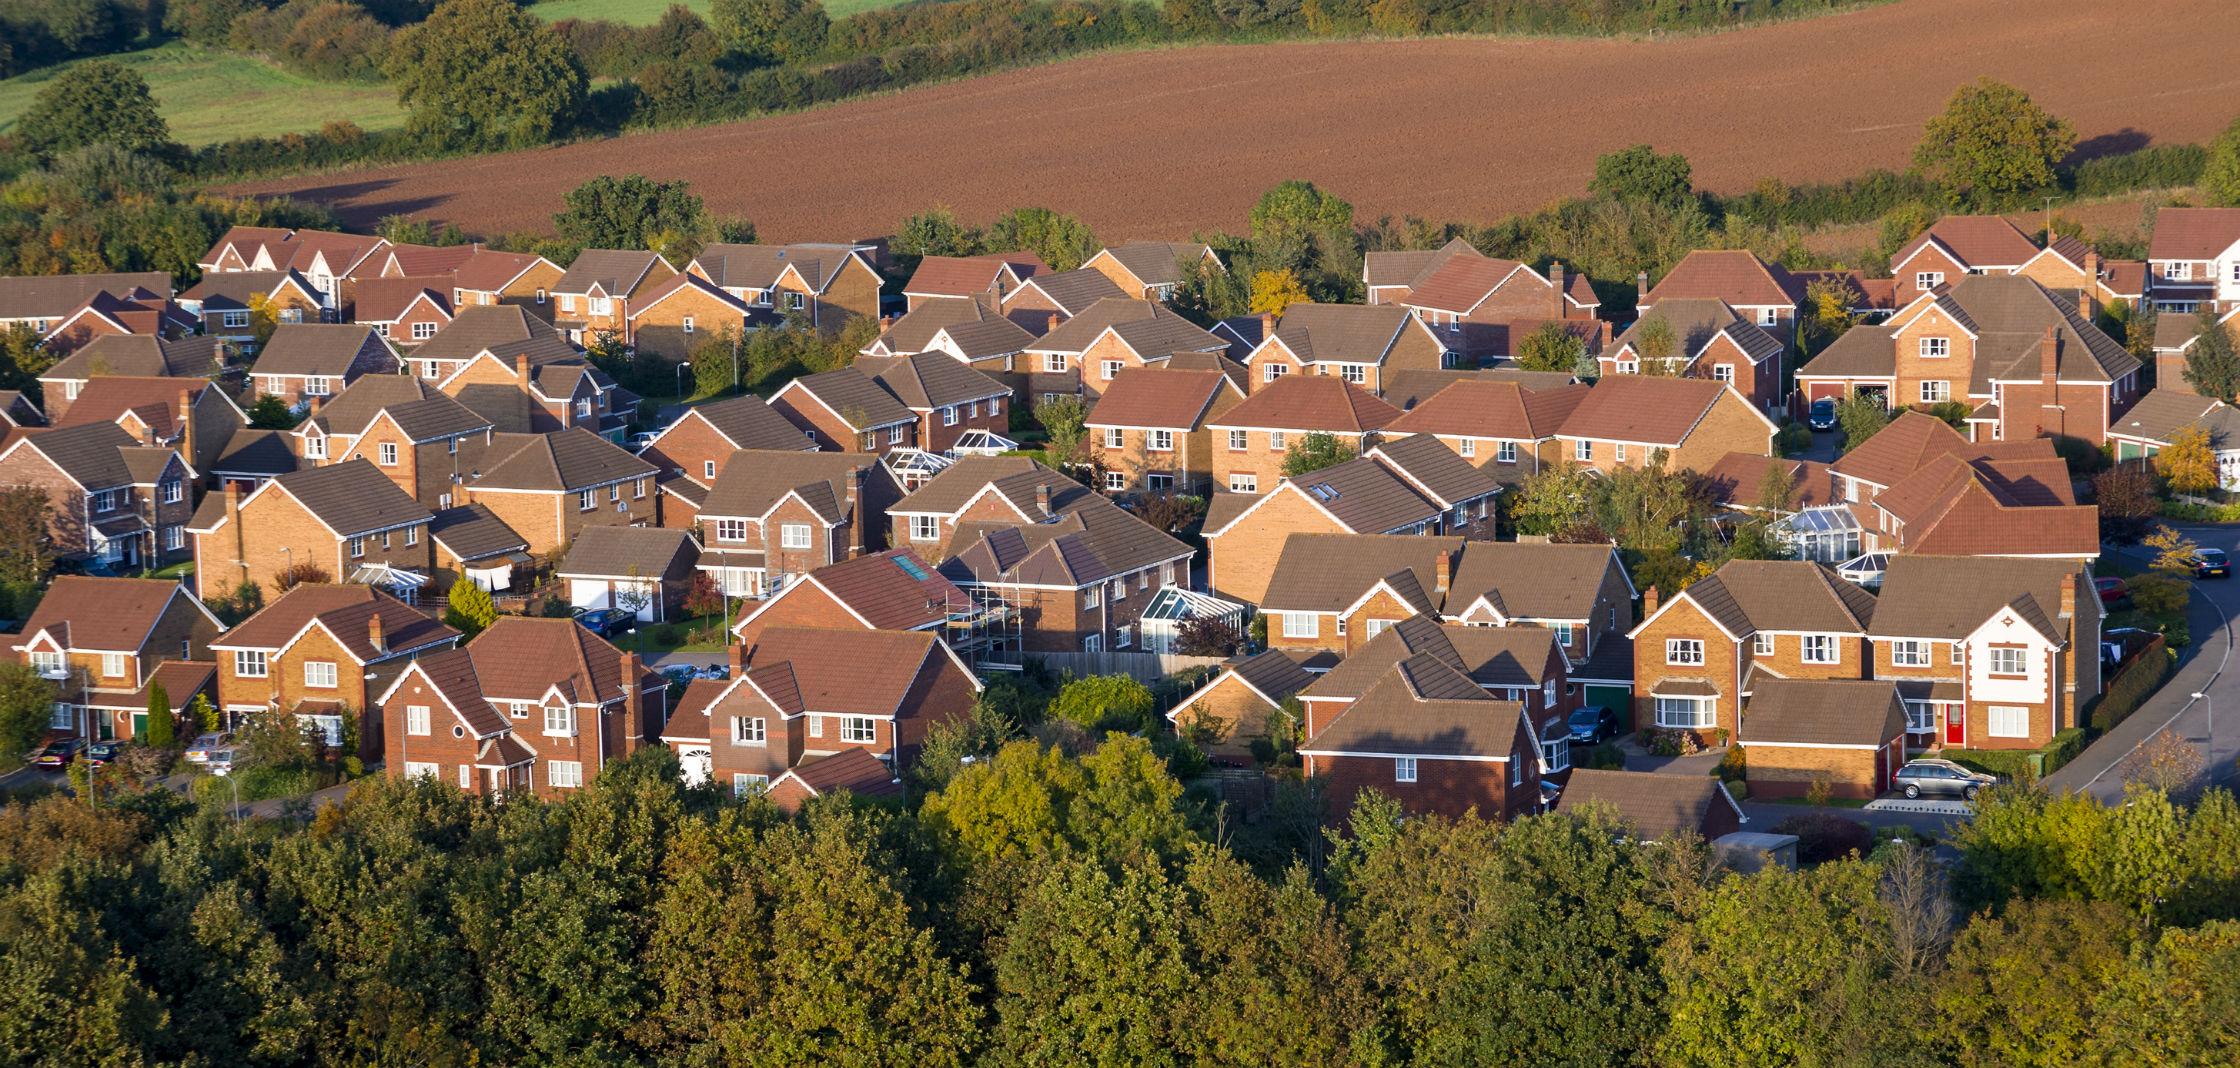 Housing-estage-near-a-field.jpg